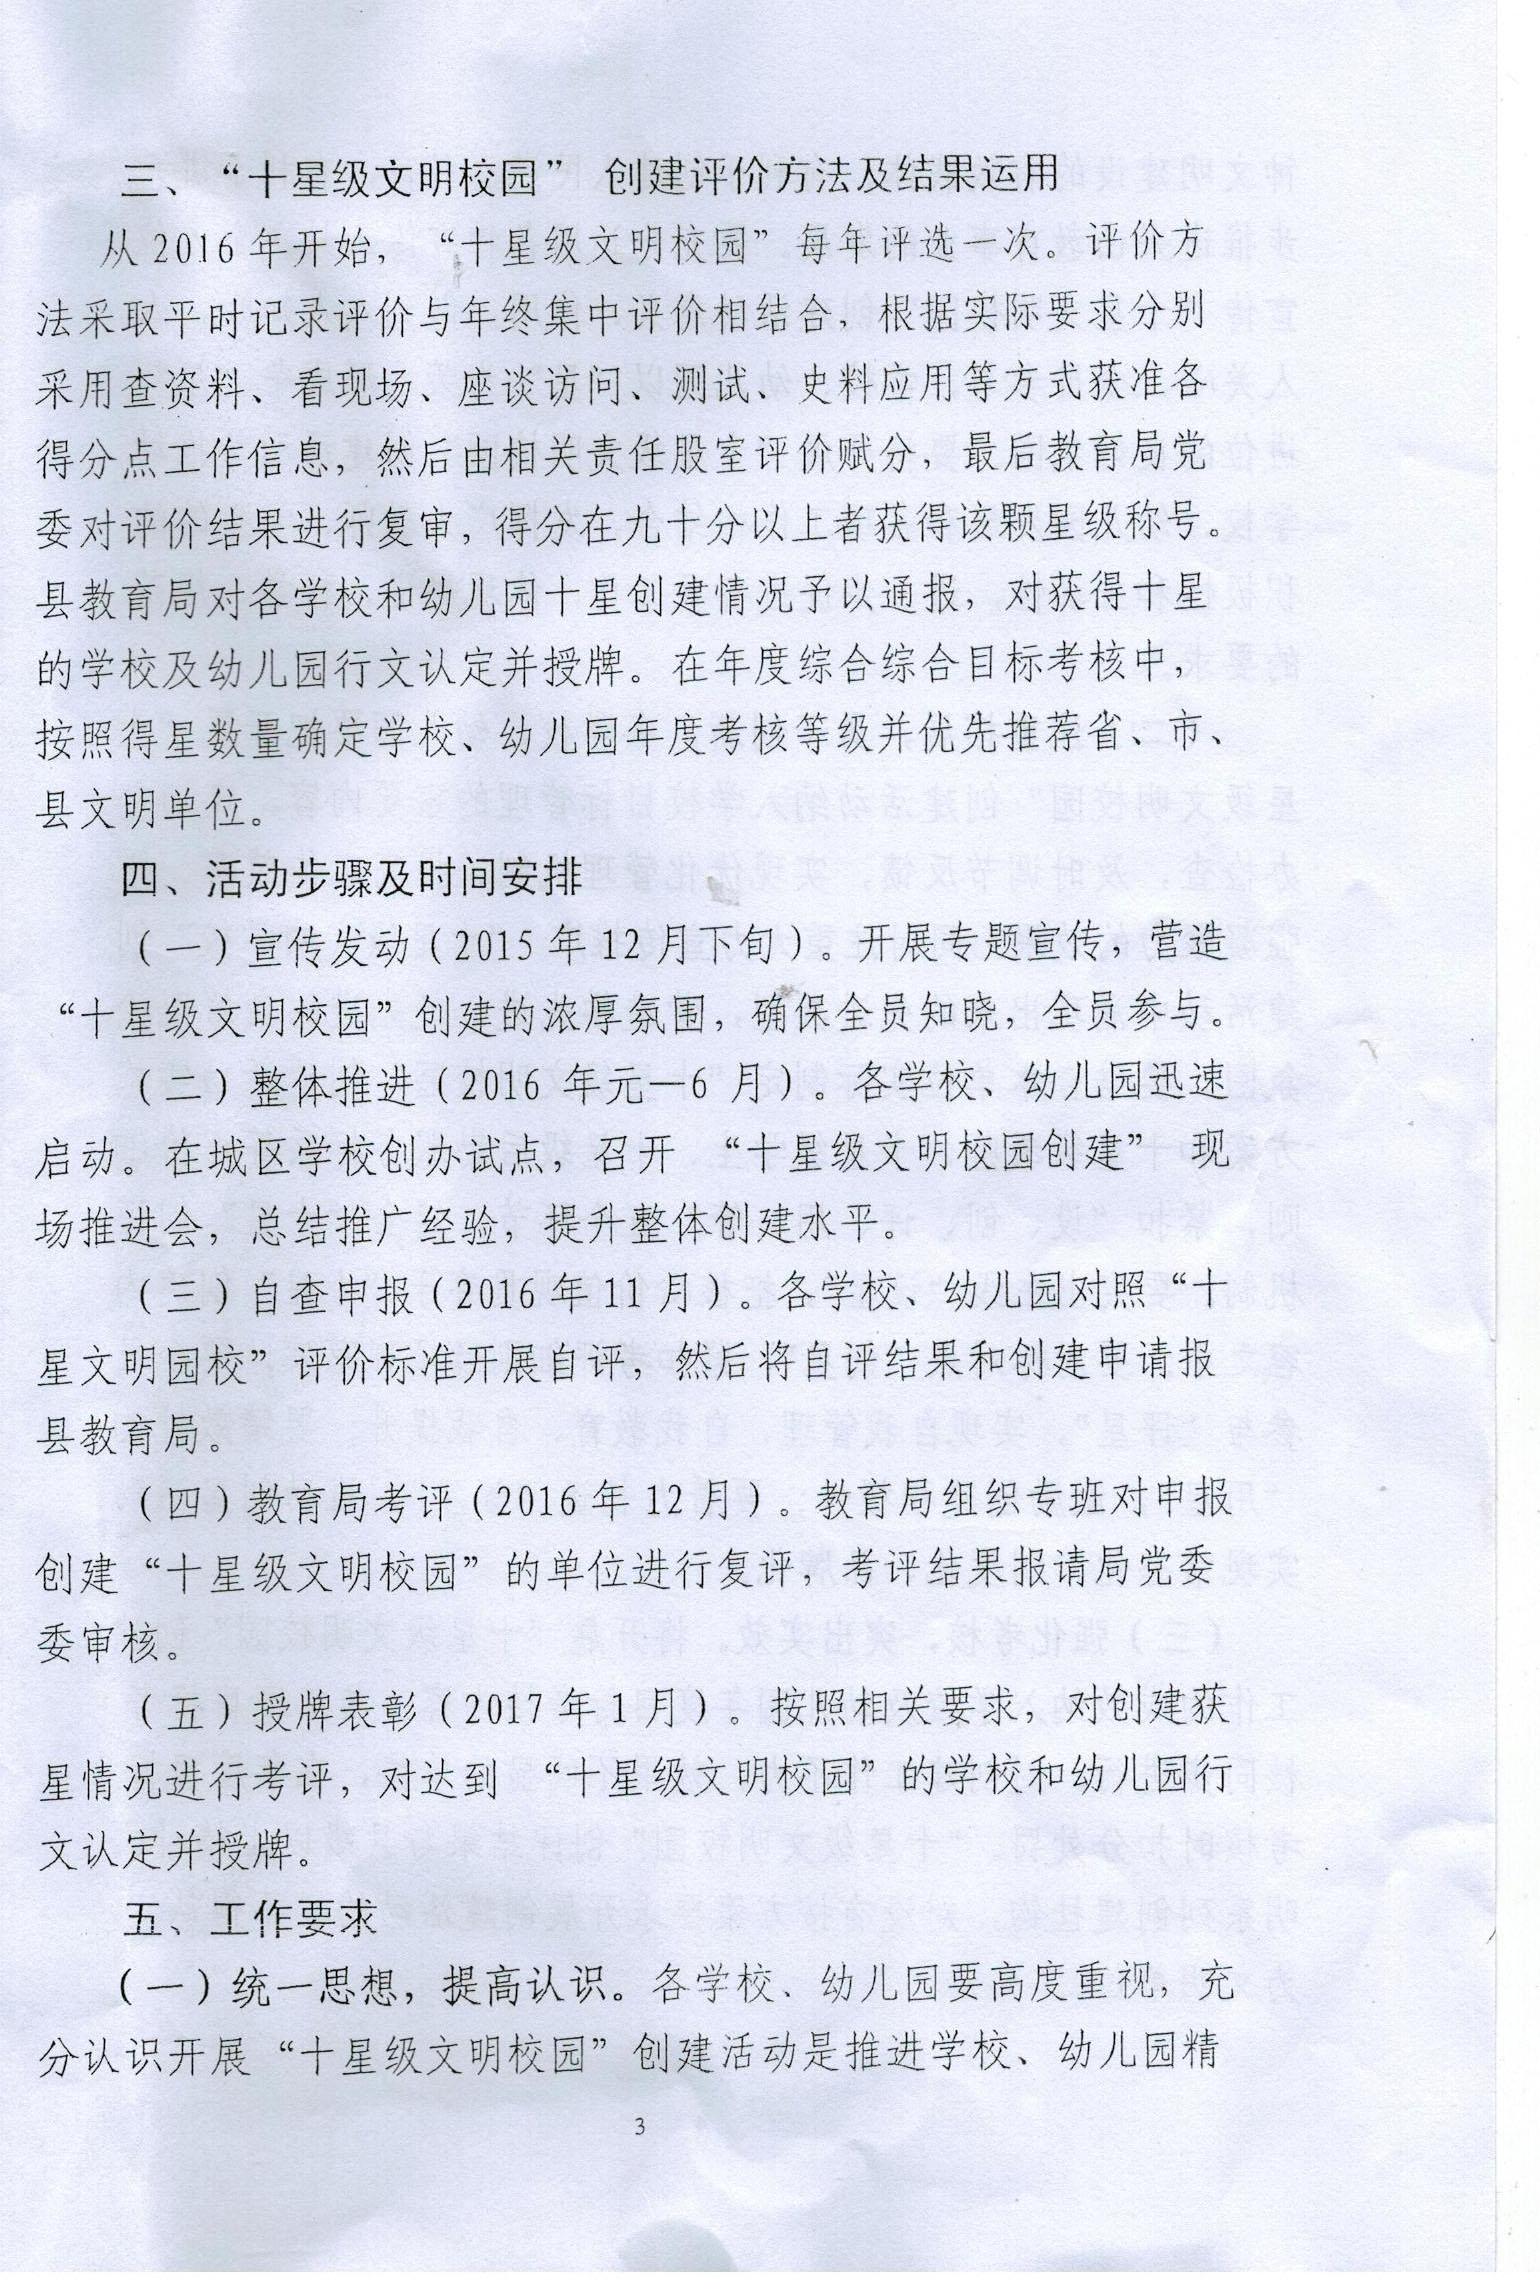 兴山县十星级文明校园创建实施方案(试行)